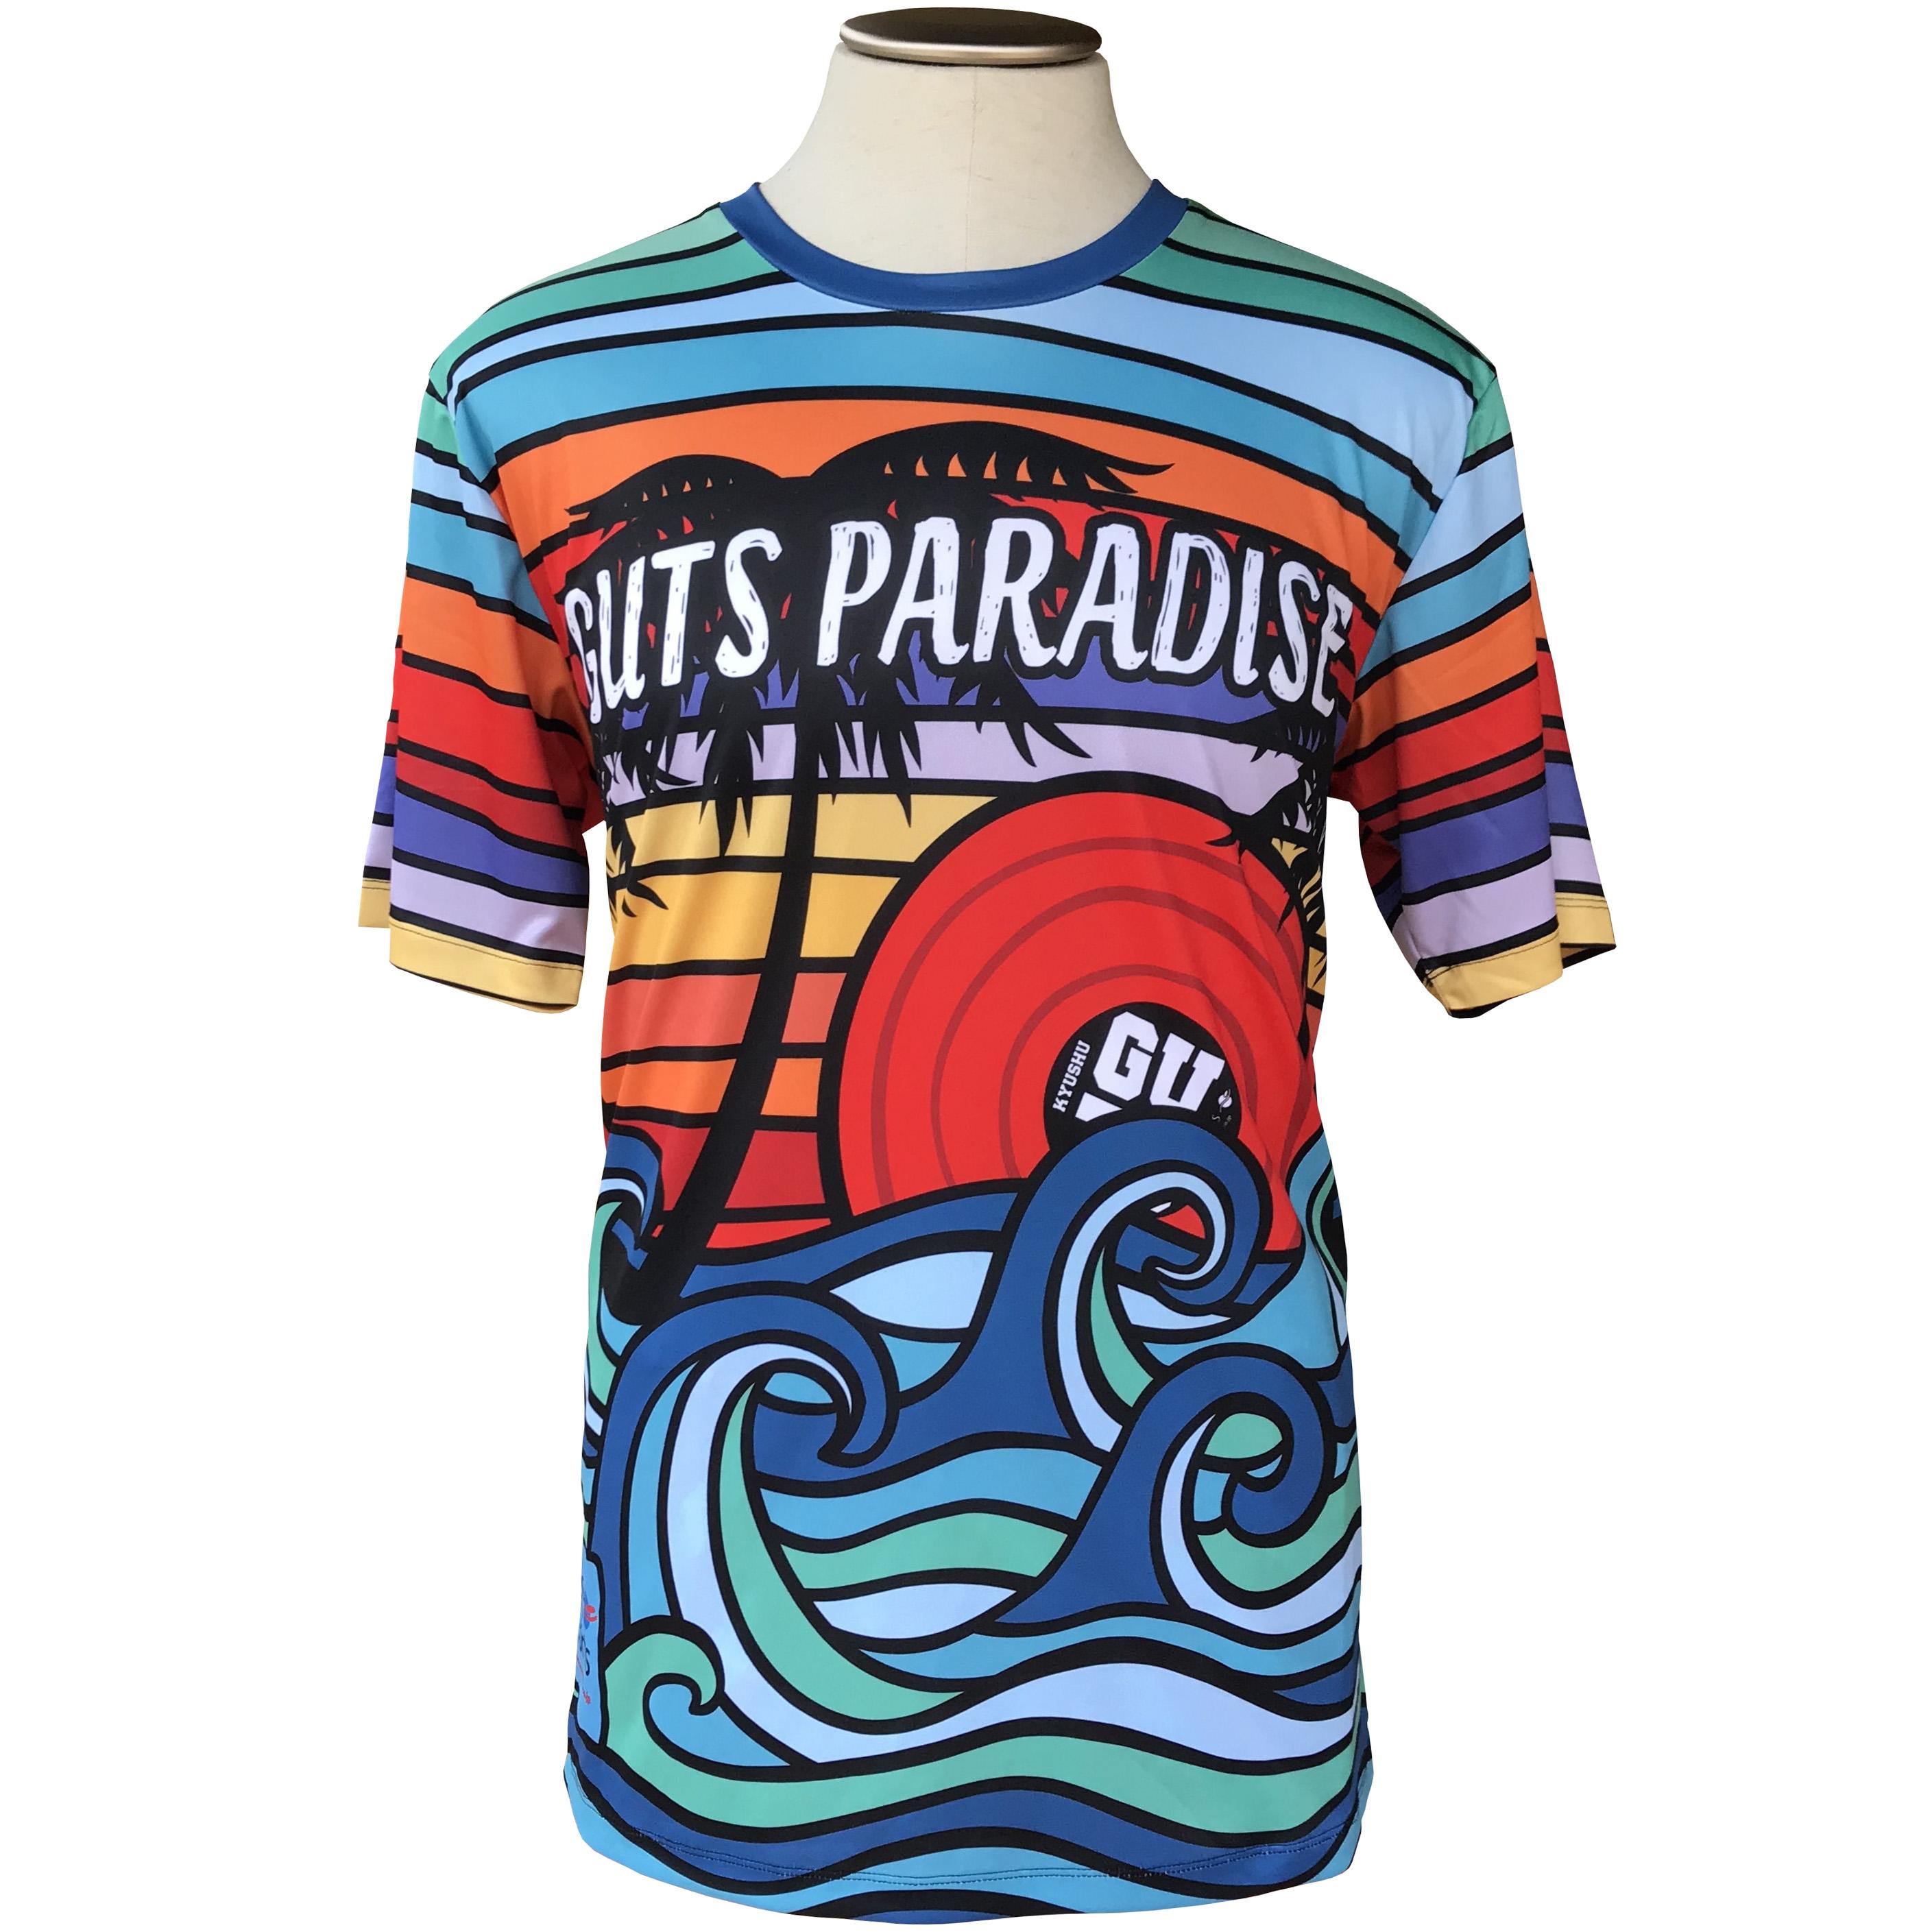 DSオリジナル ガッツパラダイス Tシャツ